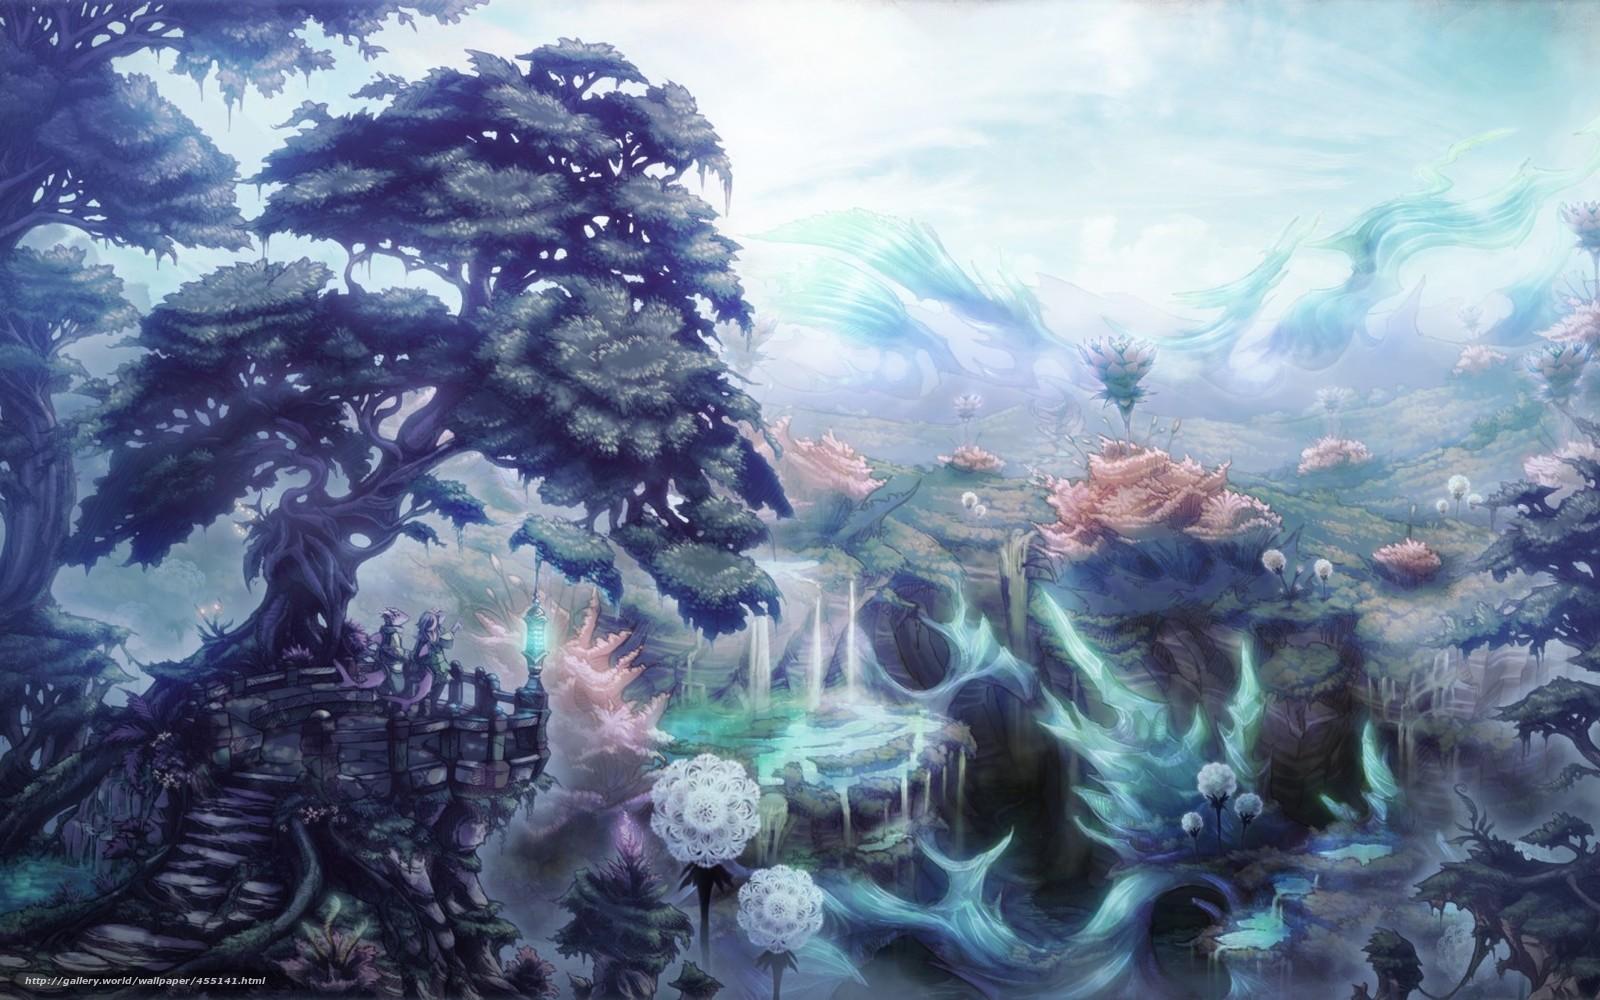 Tlcharger fond d 39 ecran art monde fantastique arbres for Fond ecran monde